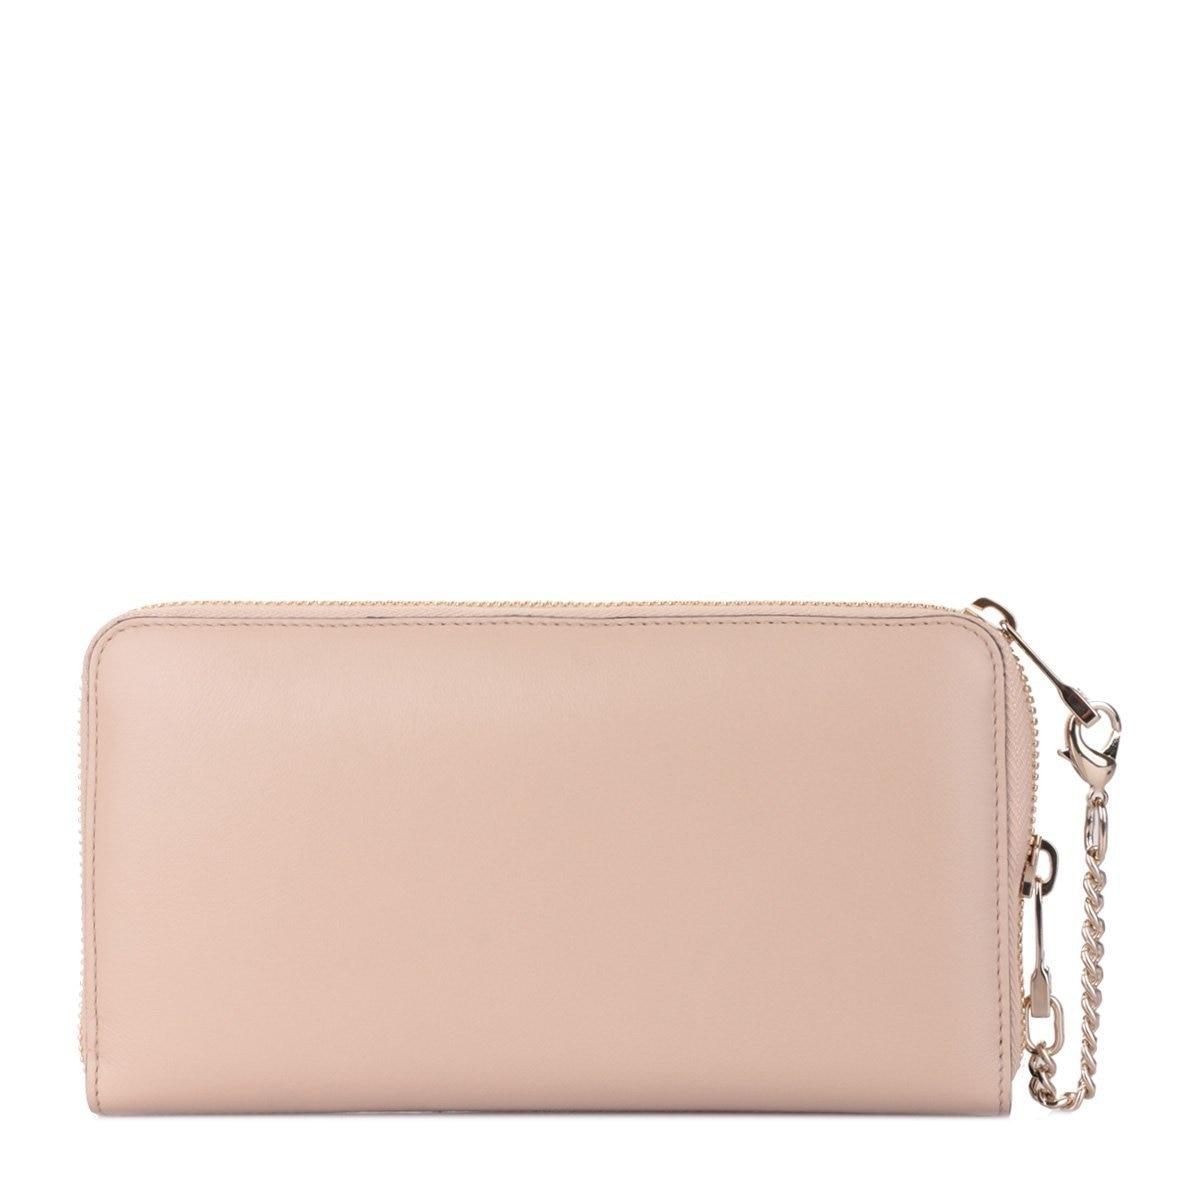 Lange Luxus Marke Frauen Brieftaschen Mode Haspe Leder Geldbörse Weiblichen handtasche Kupplung Geld Frauen Brieftasche Geldbörse - 3